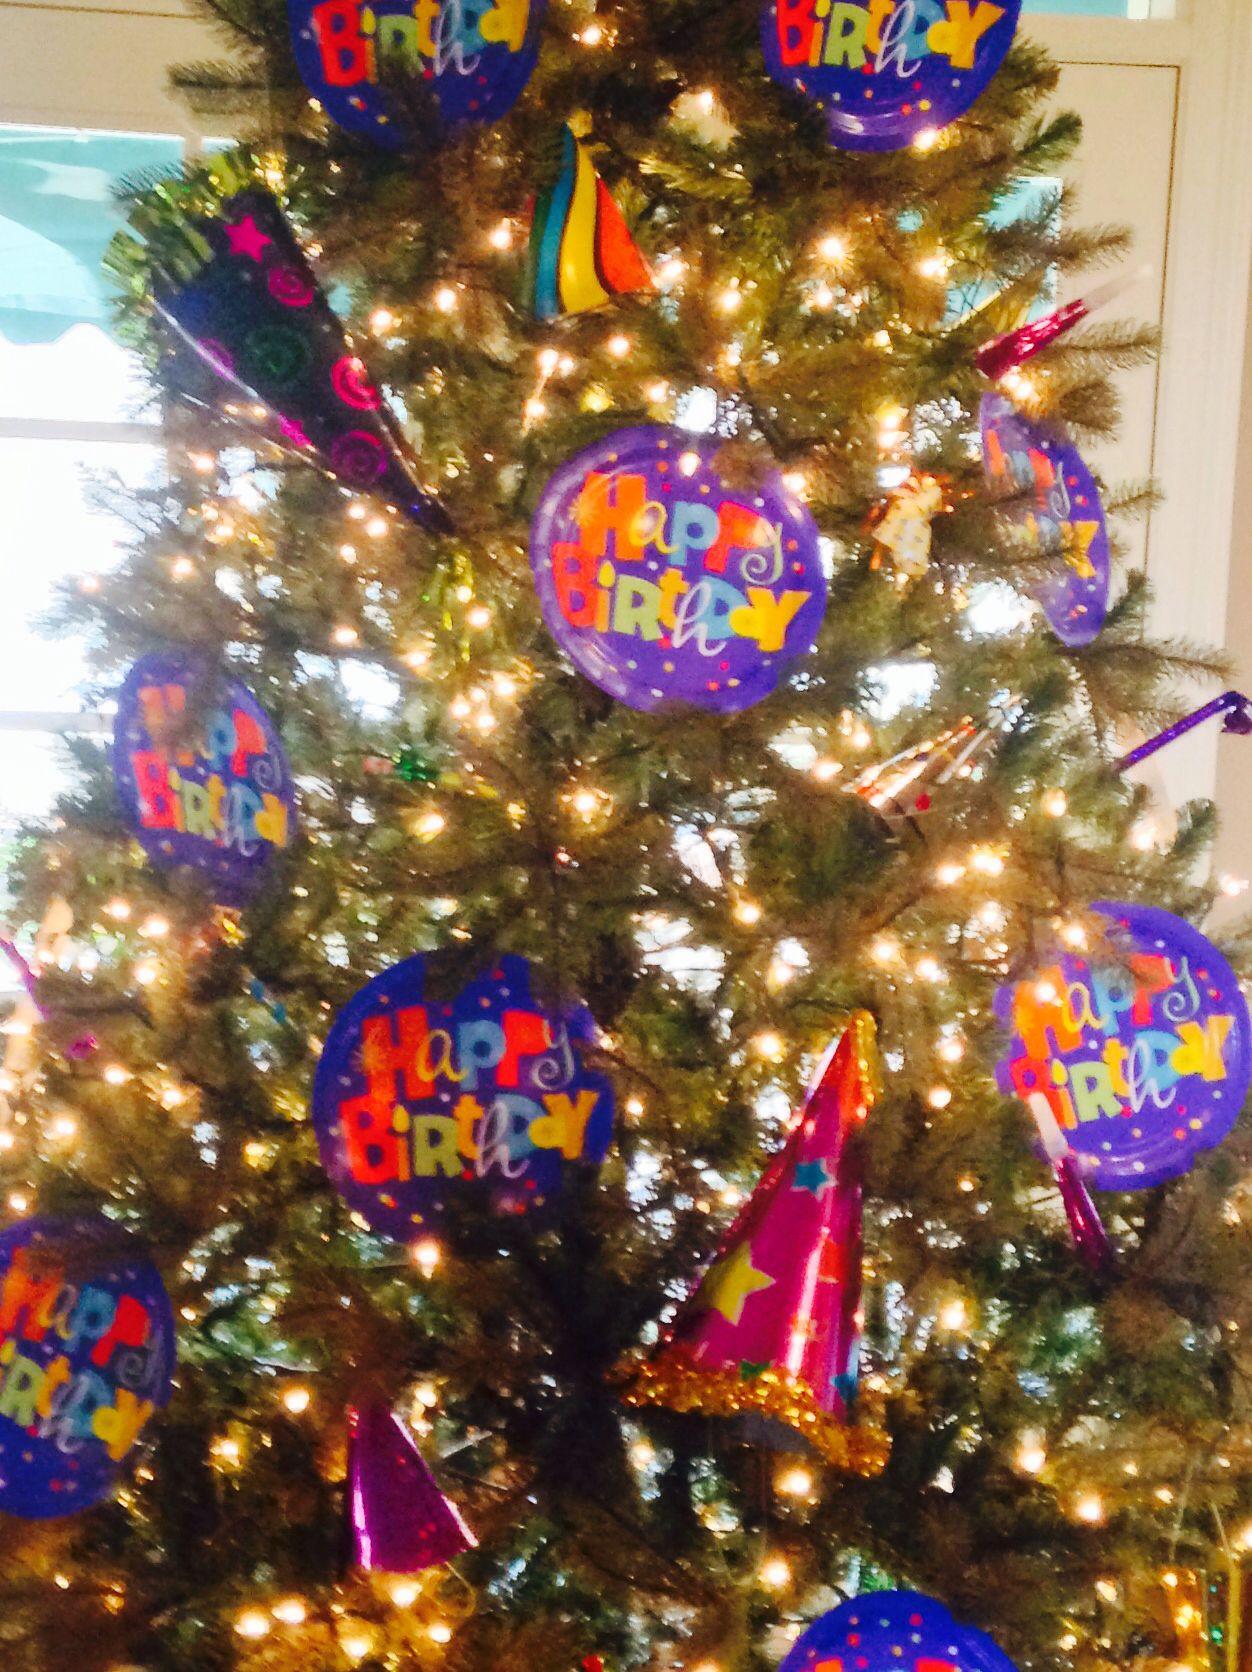 Happy Birthday Tree. My husband's birthday is January 5